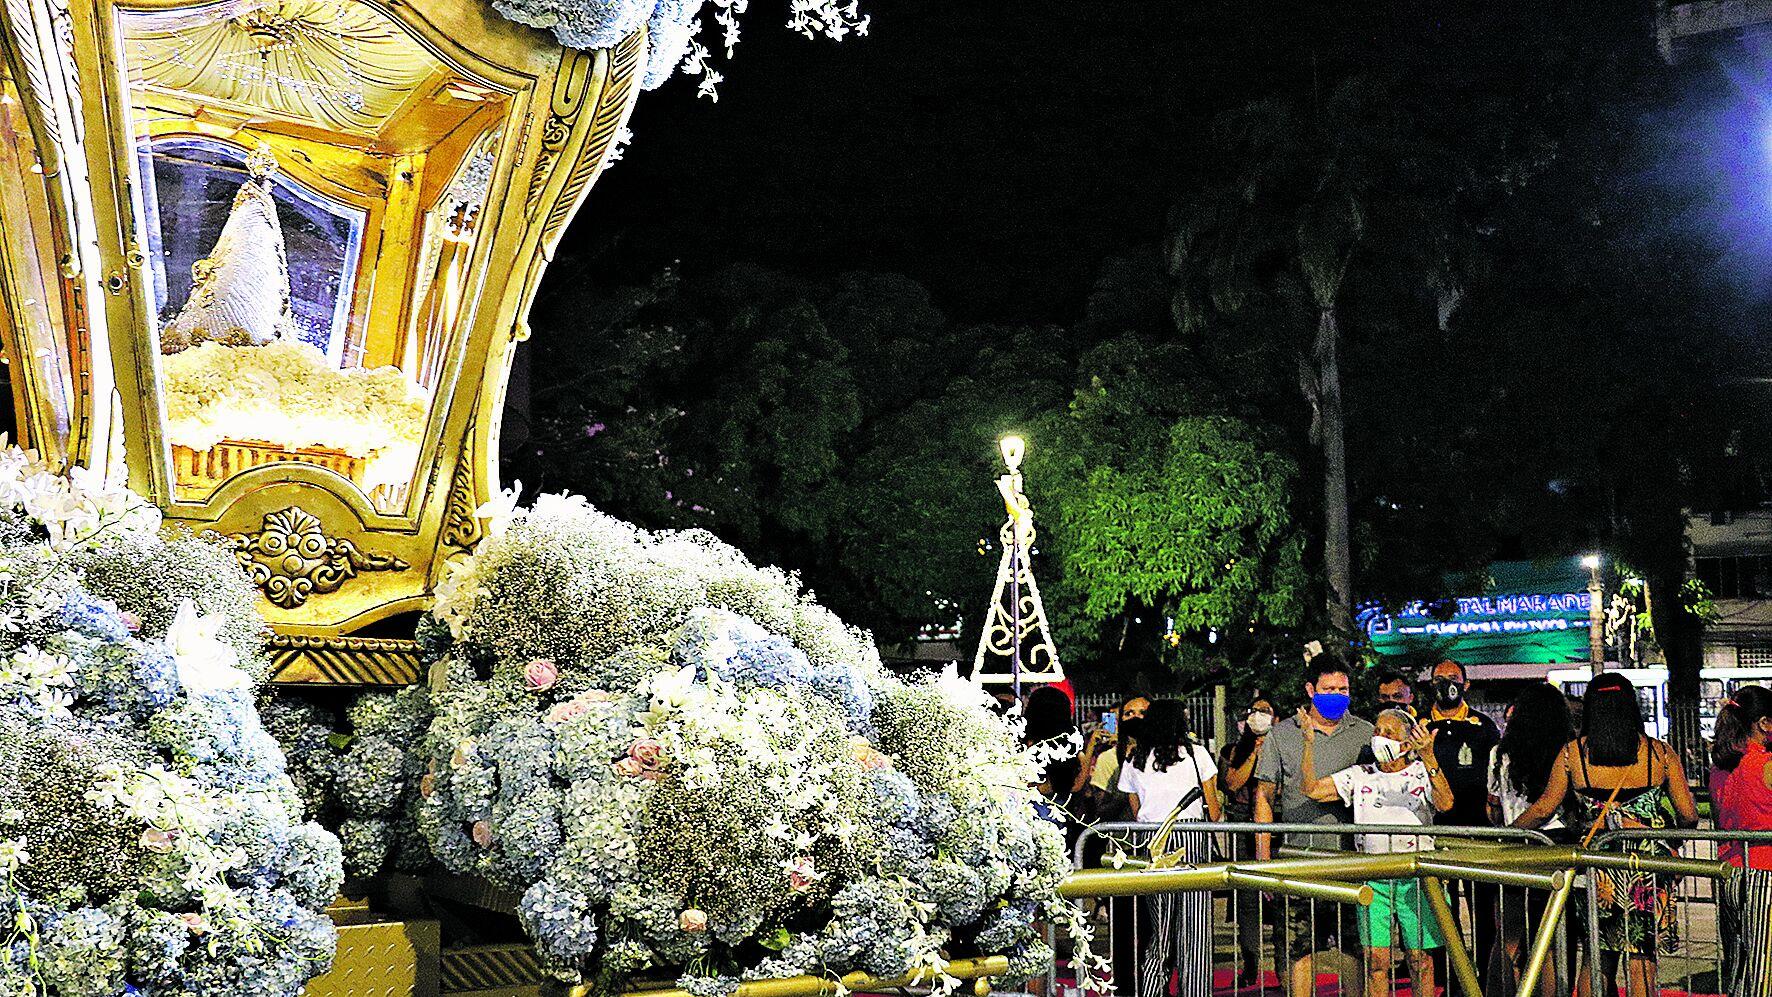 À noite, a imagem peregrina recebeu muitos visitantes